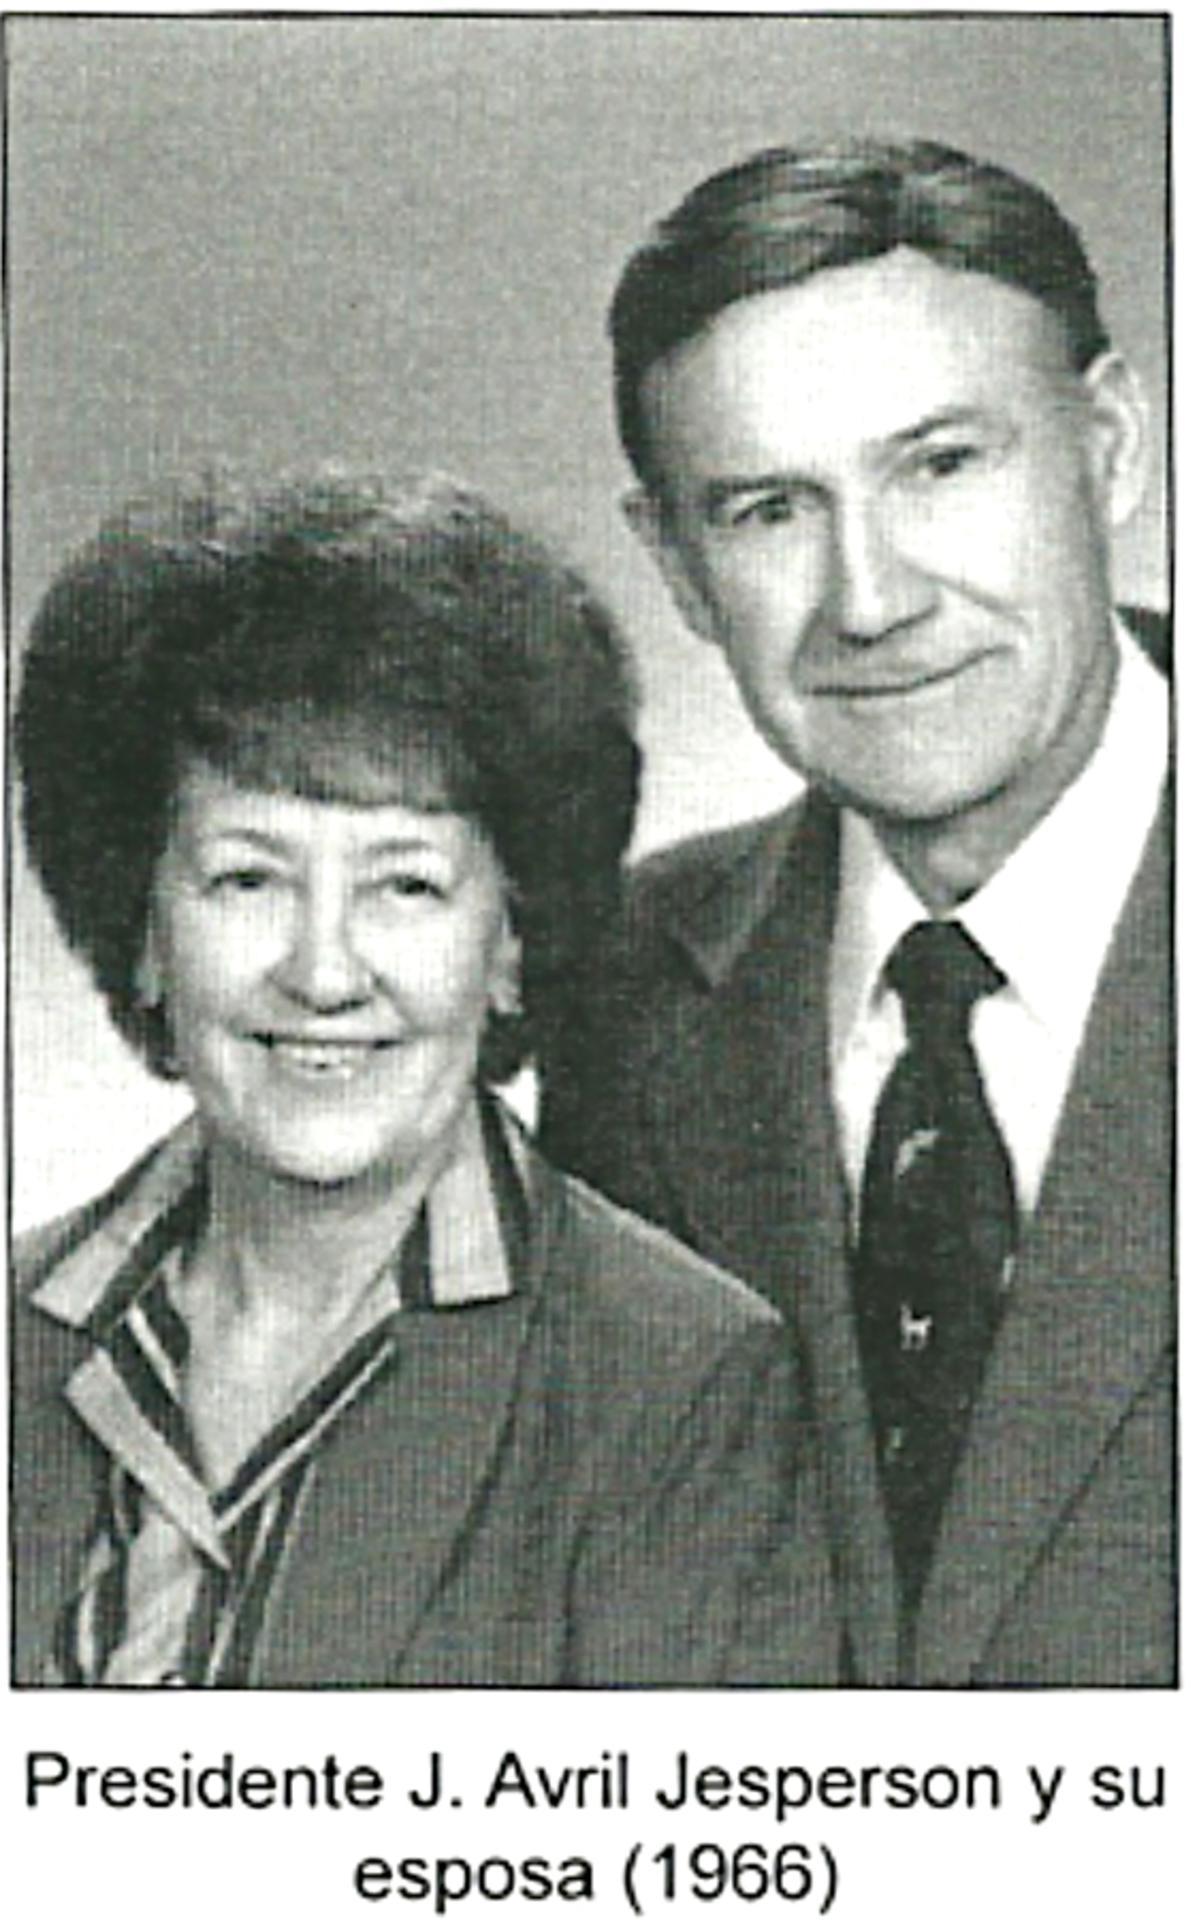 El Presidente J. Arvil Jesperson y su esposa